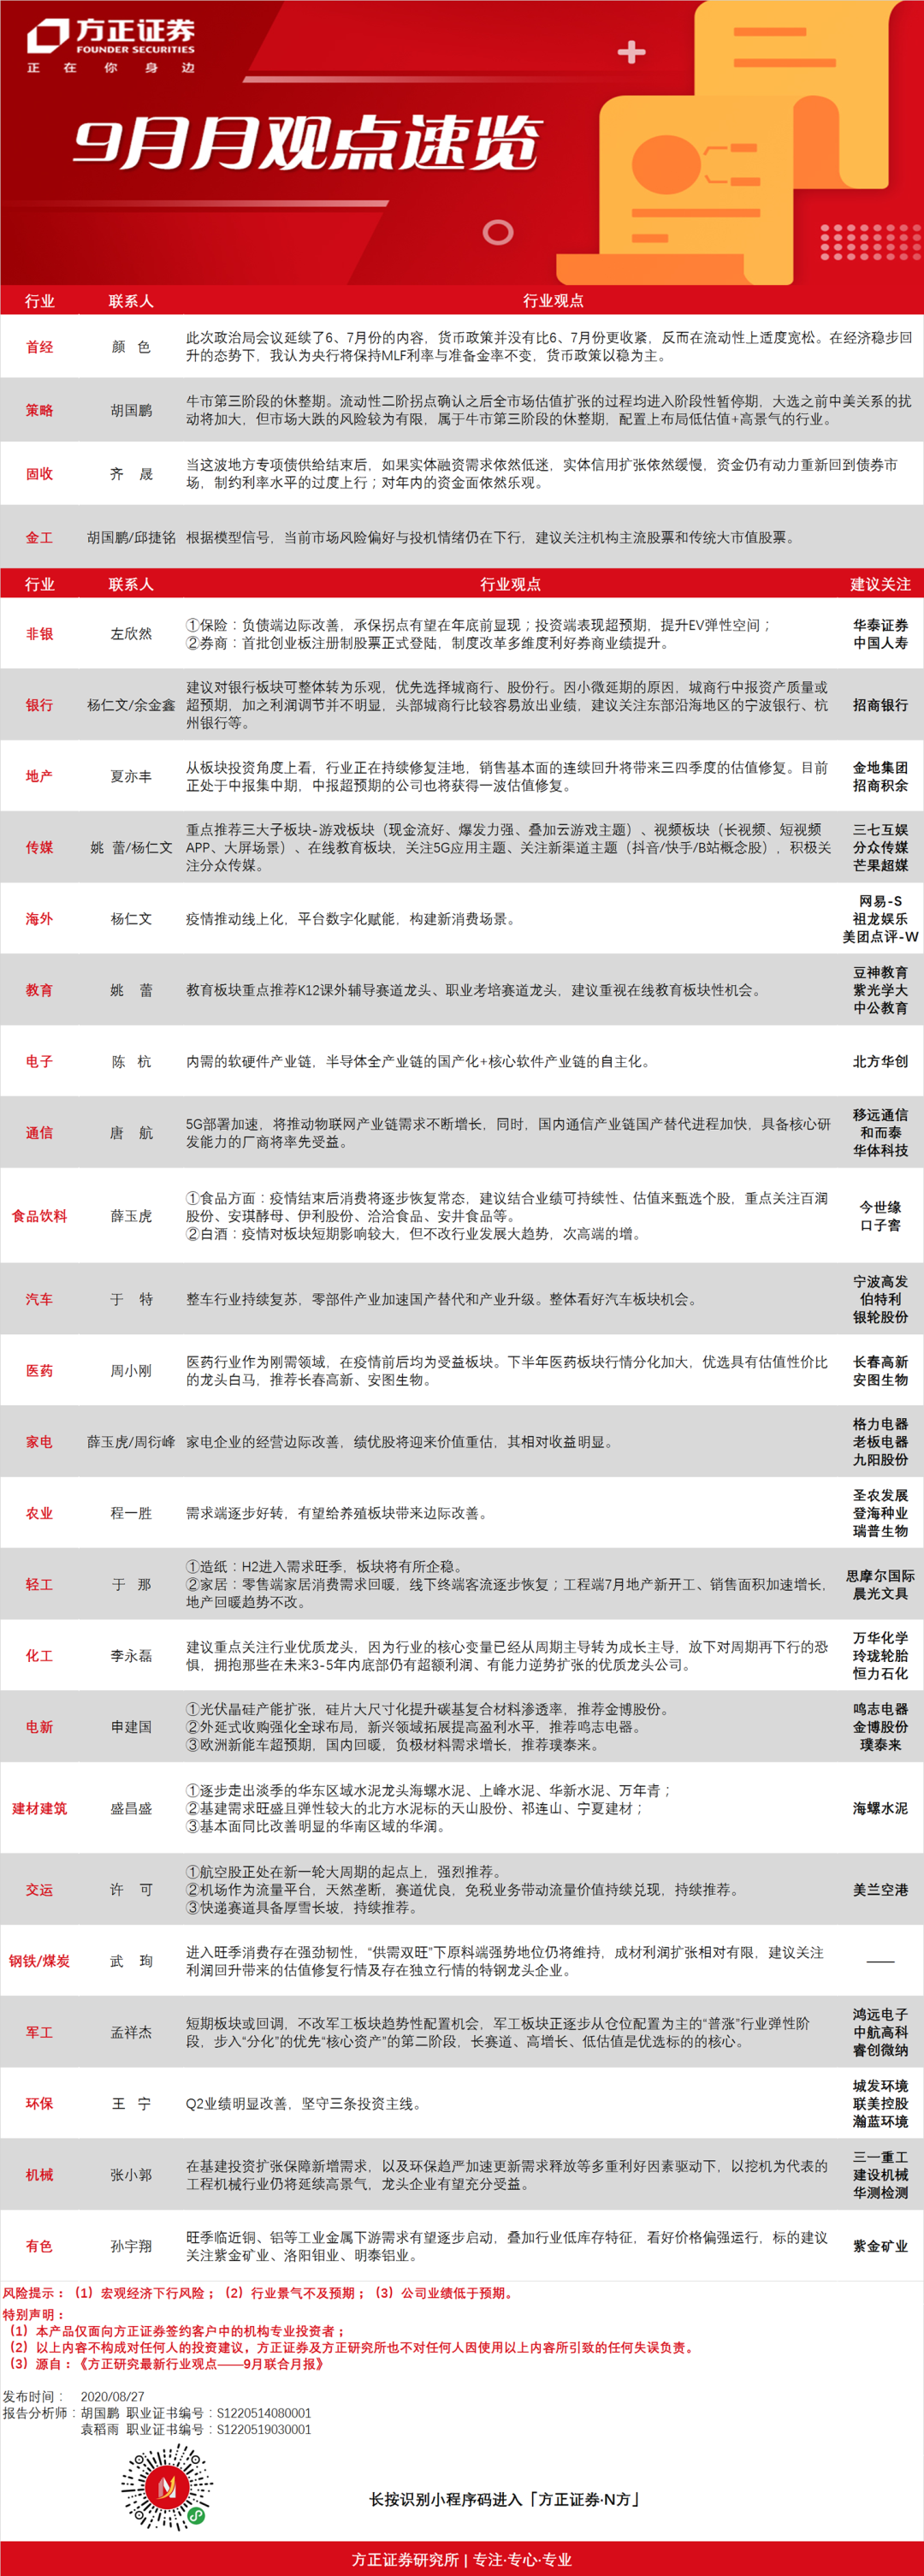 【方正研究】方正证券研究所·31个小组·9月观点速览